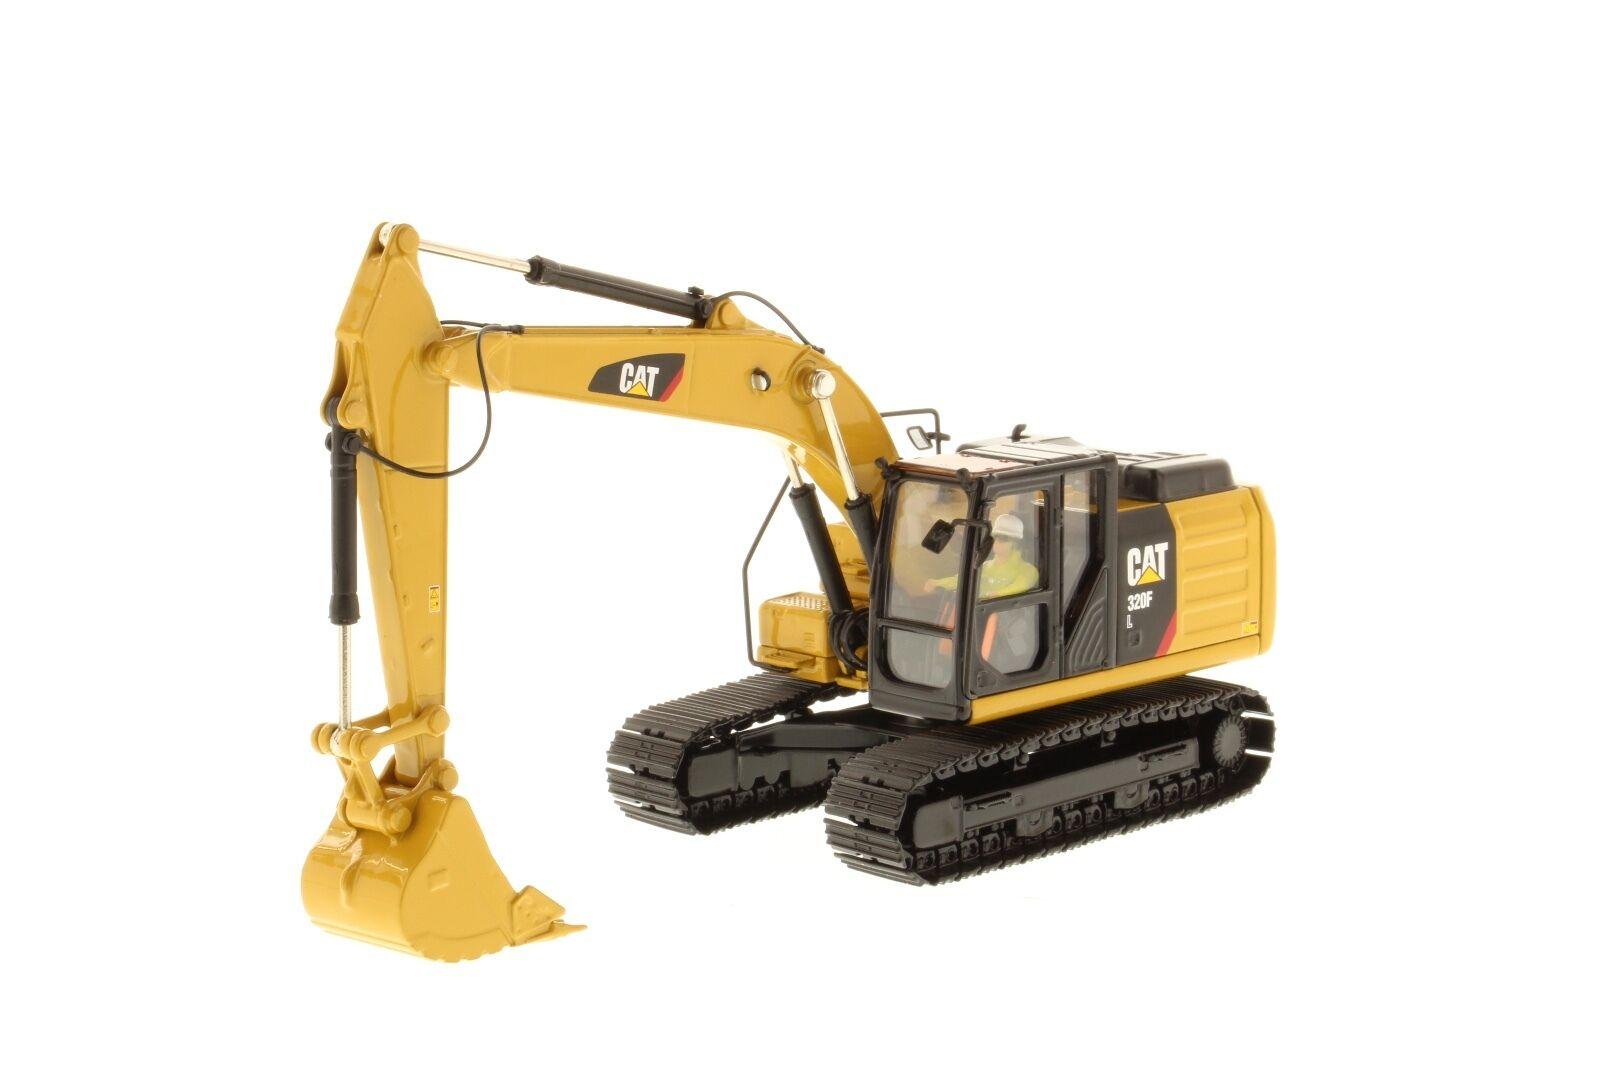 Caterpillar 1 50 scale Cat 320F Hydraulic Excavator 85931 Diecast Masters